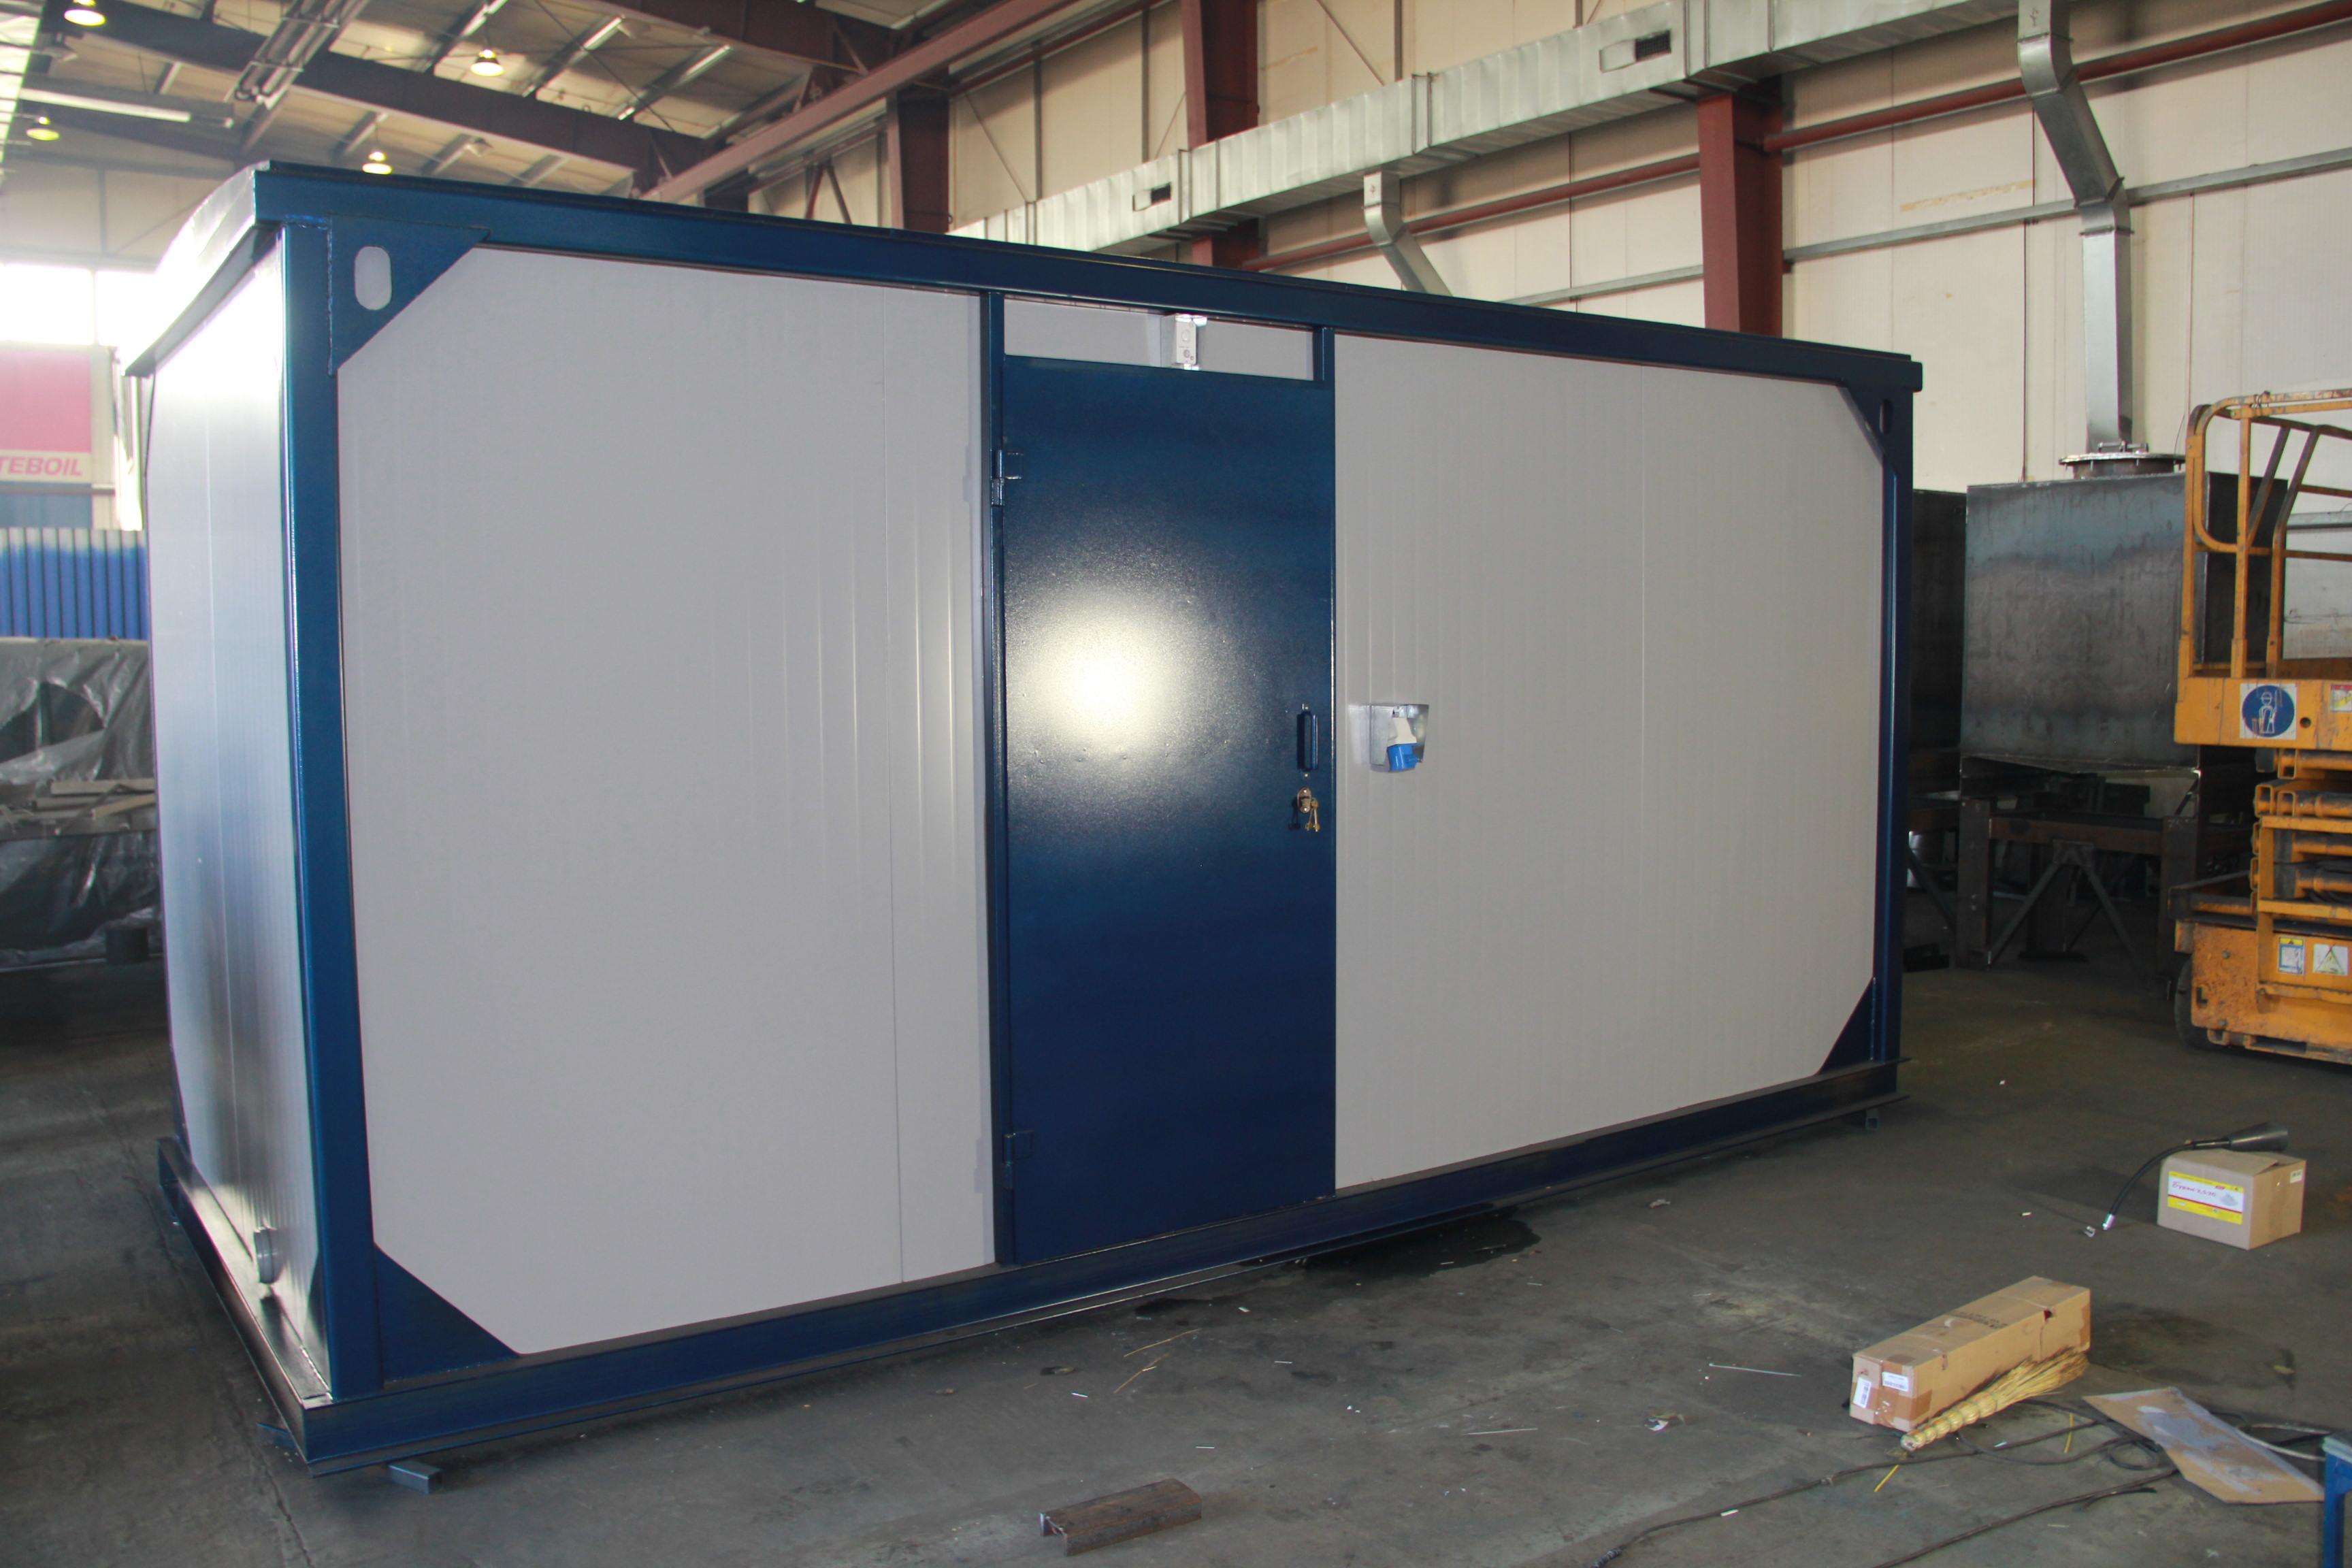 Внешний вид IVECO АД-320С-Т400-2РНИ с АВР в контейнере